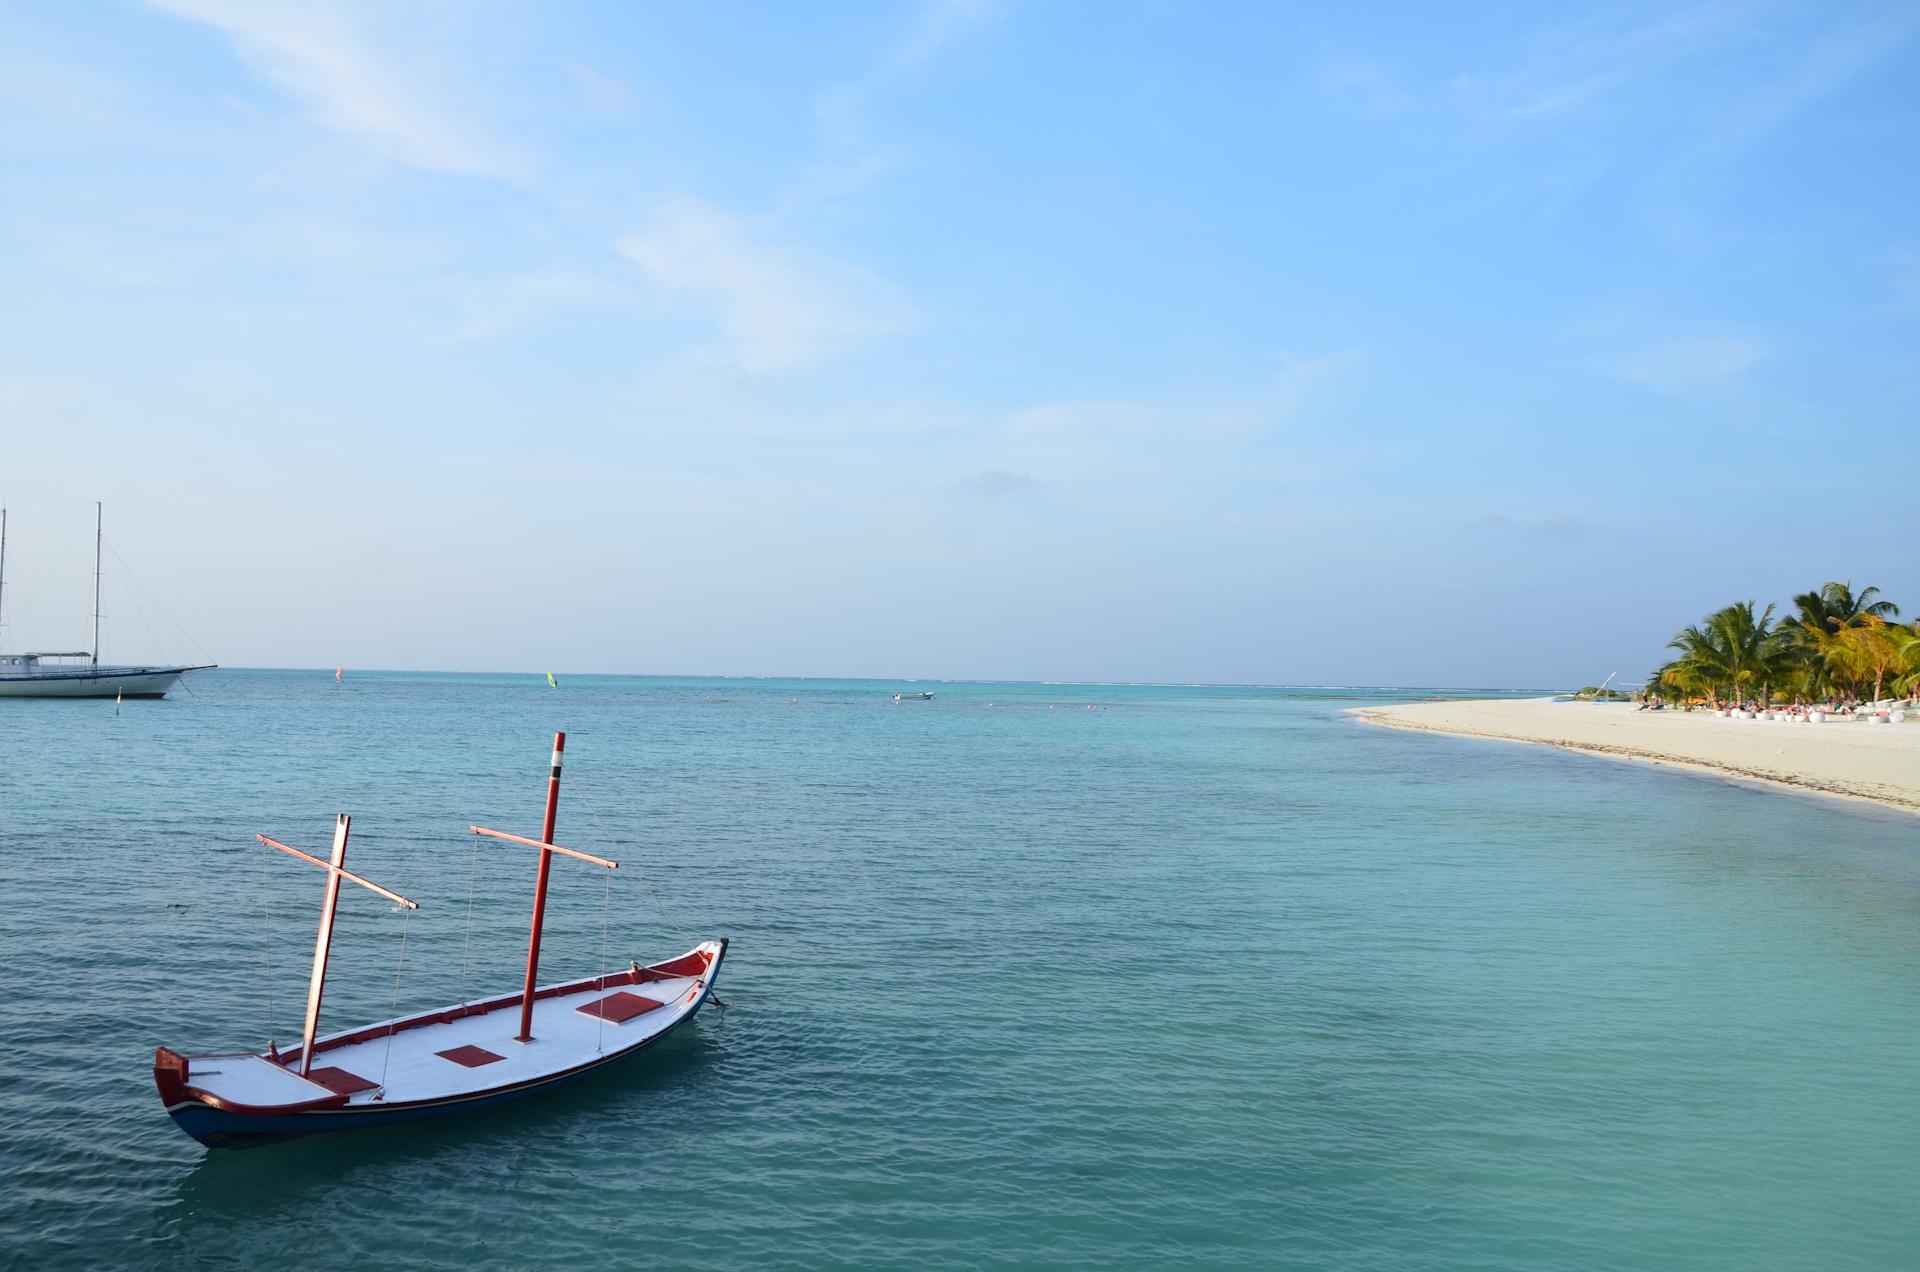 马尔代夫蜜月岛meeru自由行——美妙的水上之旅(含)